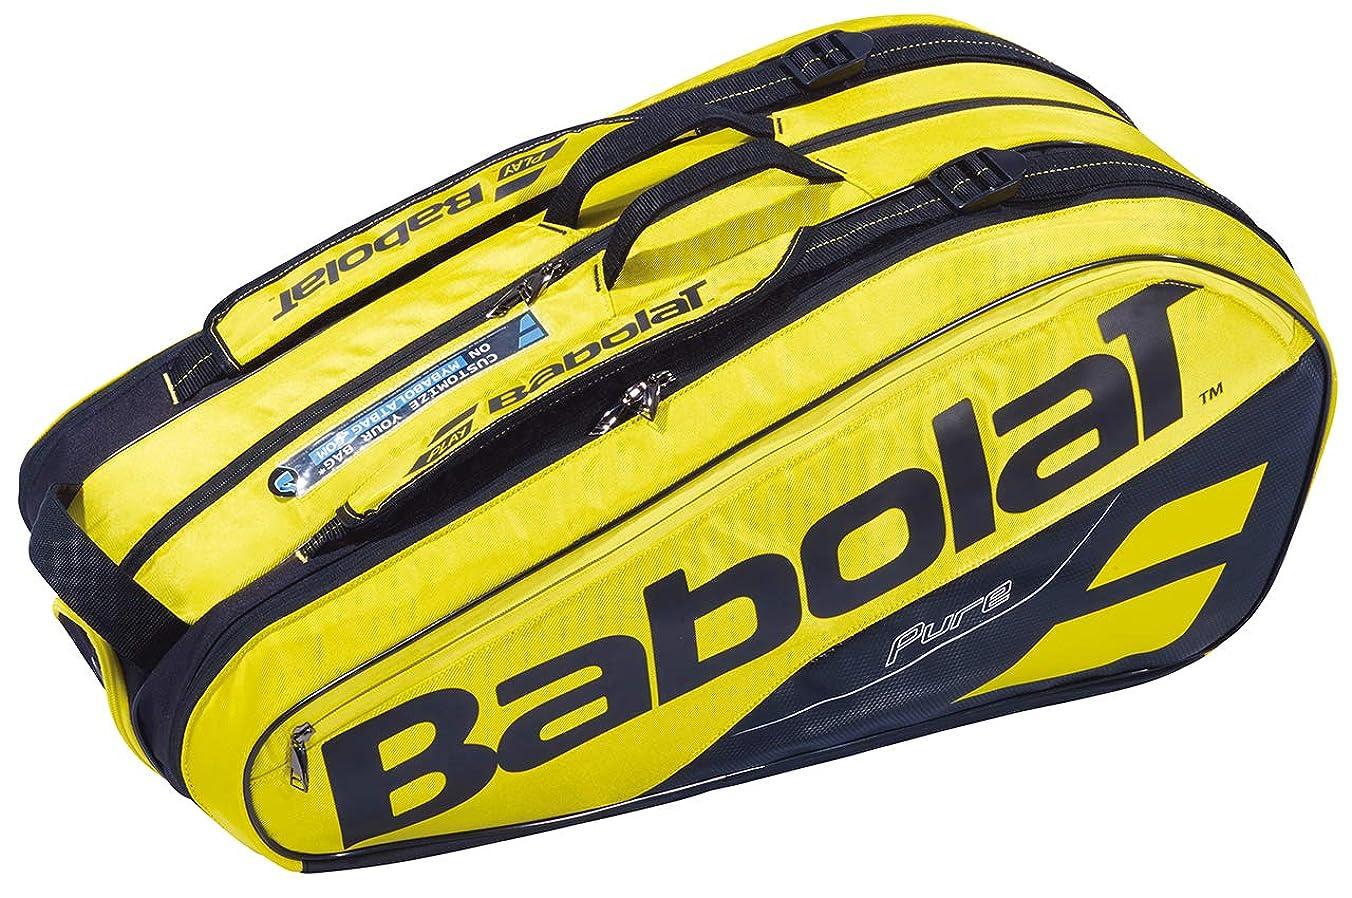 迷信特許せっかちバボラ(BabolaT) テニスバッグ ピュア?ライン ラケットバッグ(ラケット9本収納可) BB751181